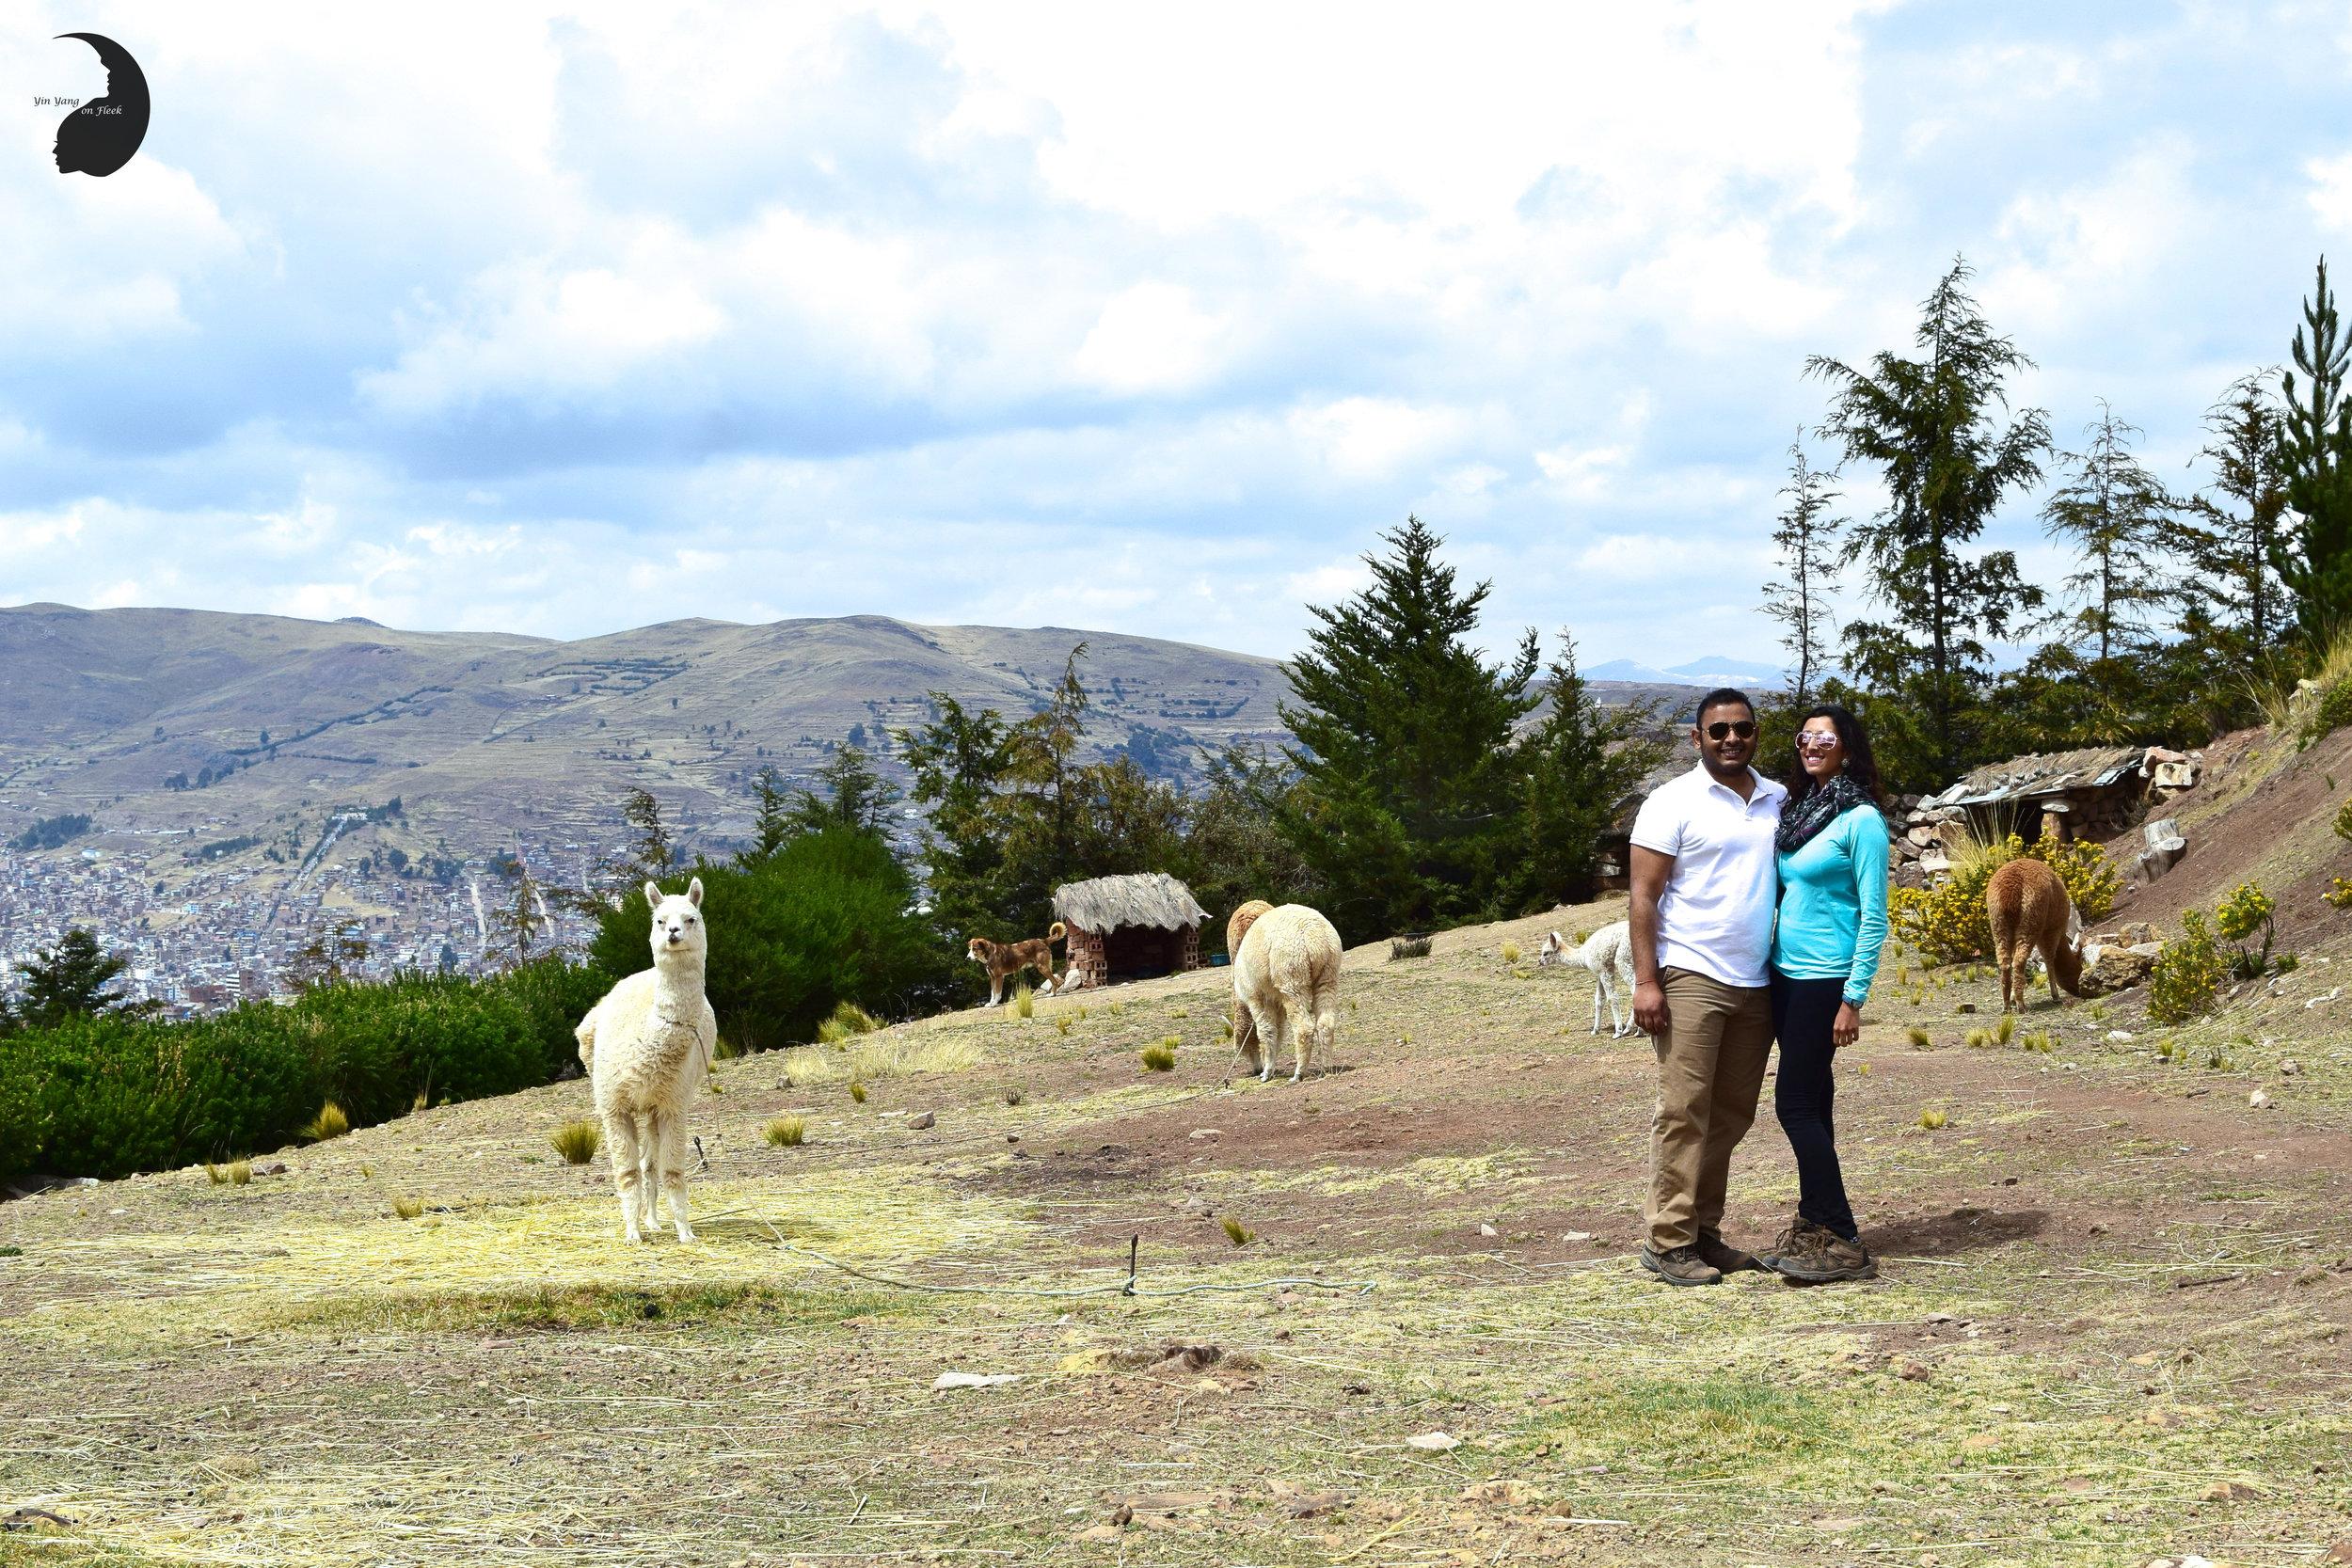 Llama Alpacca Farm